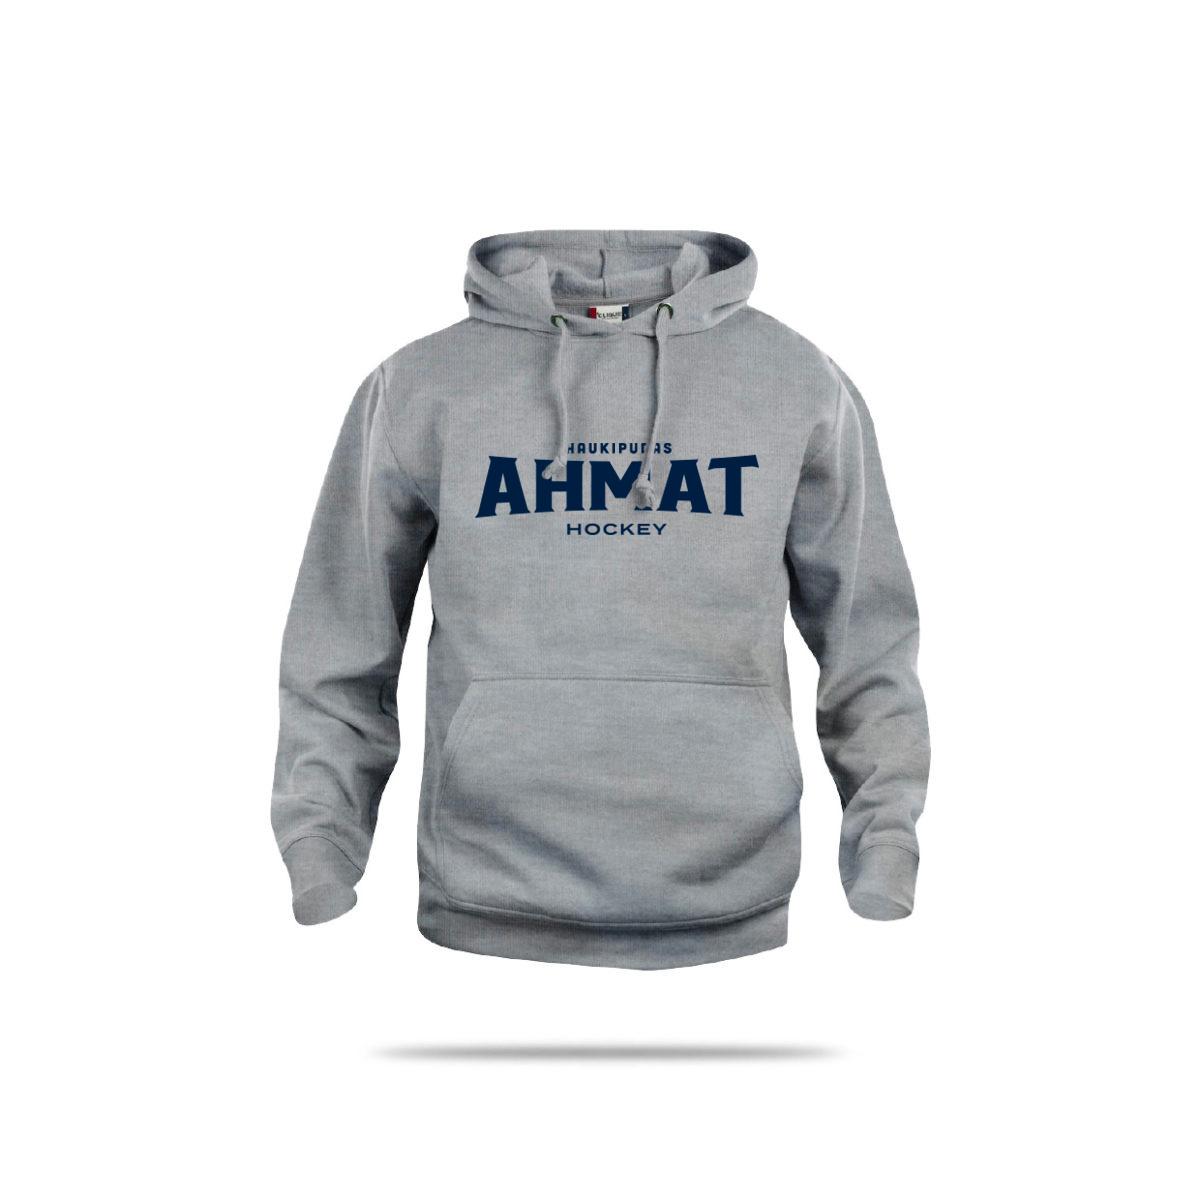 Ahmat-fani-3022-harmaa-text